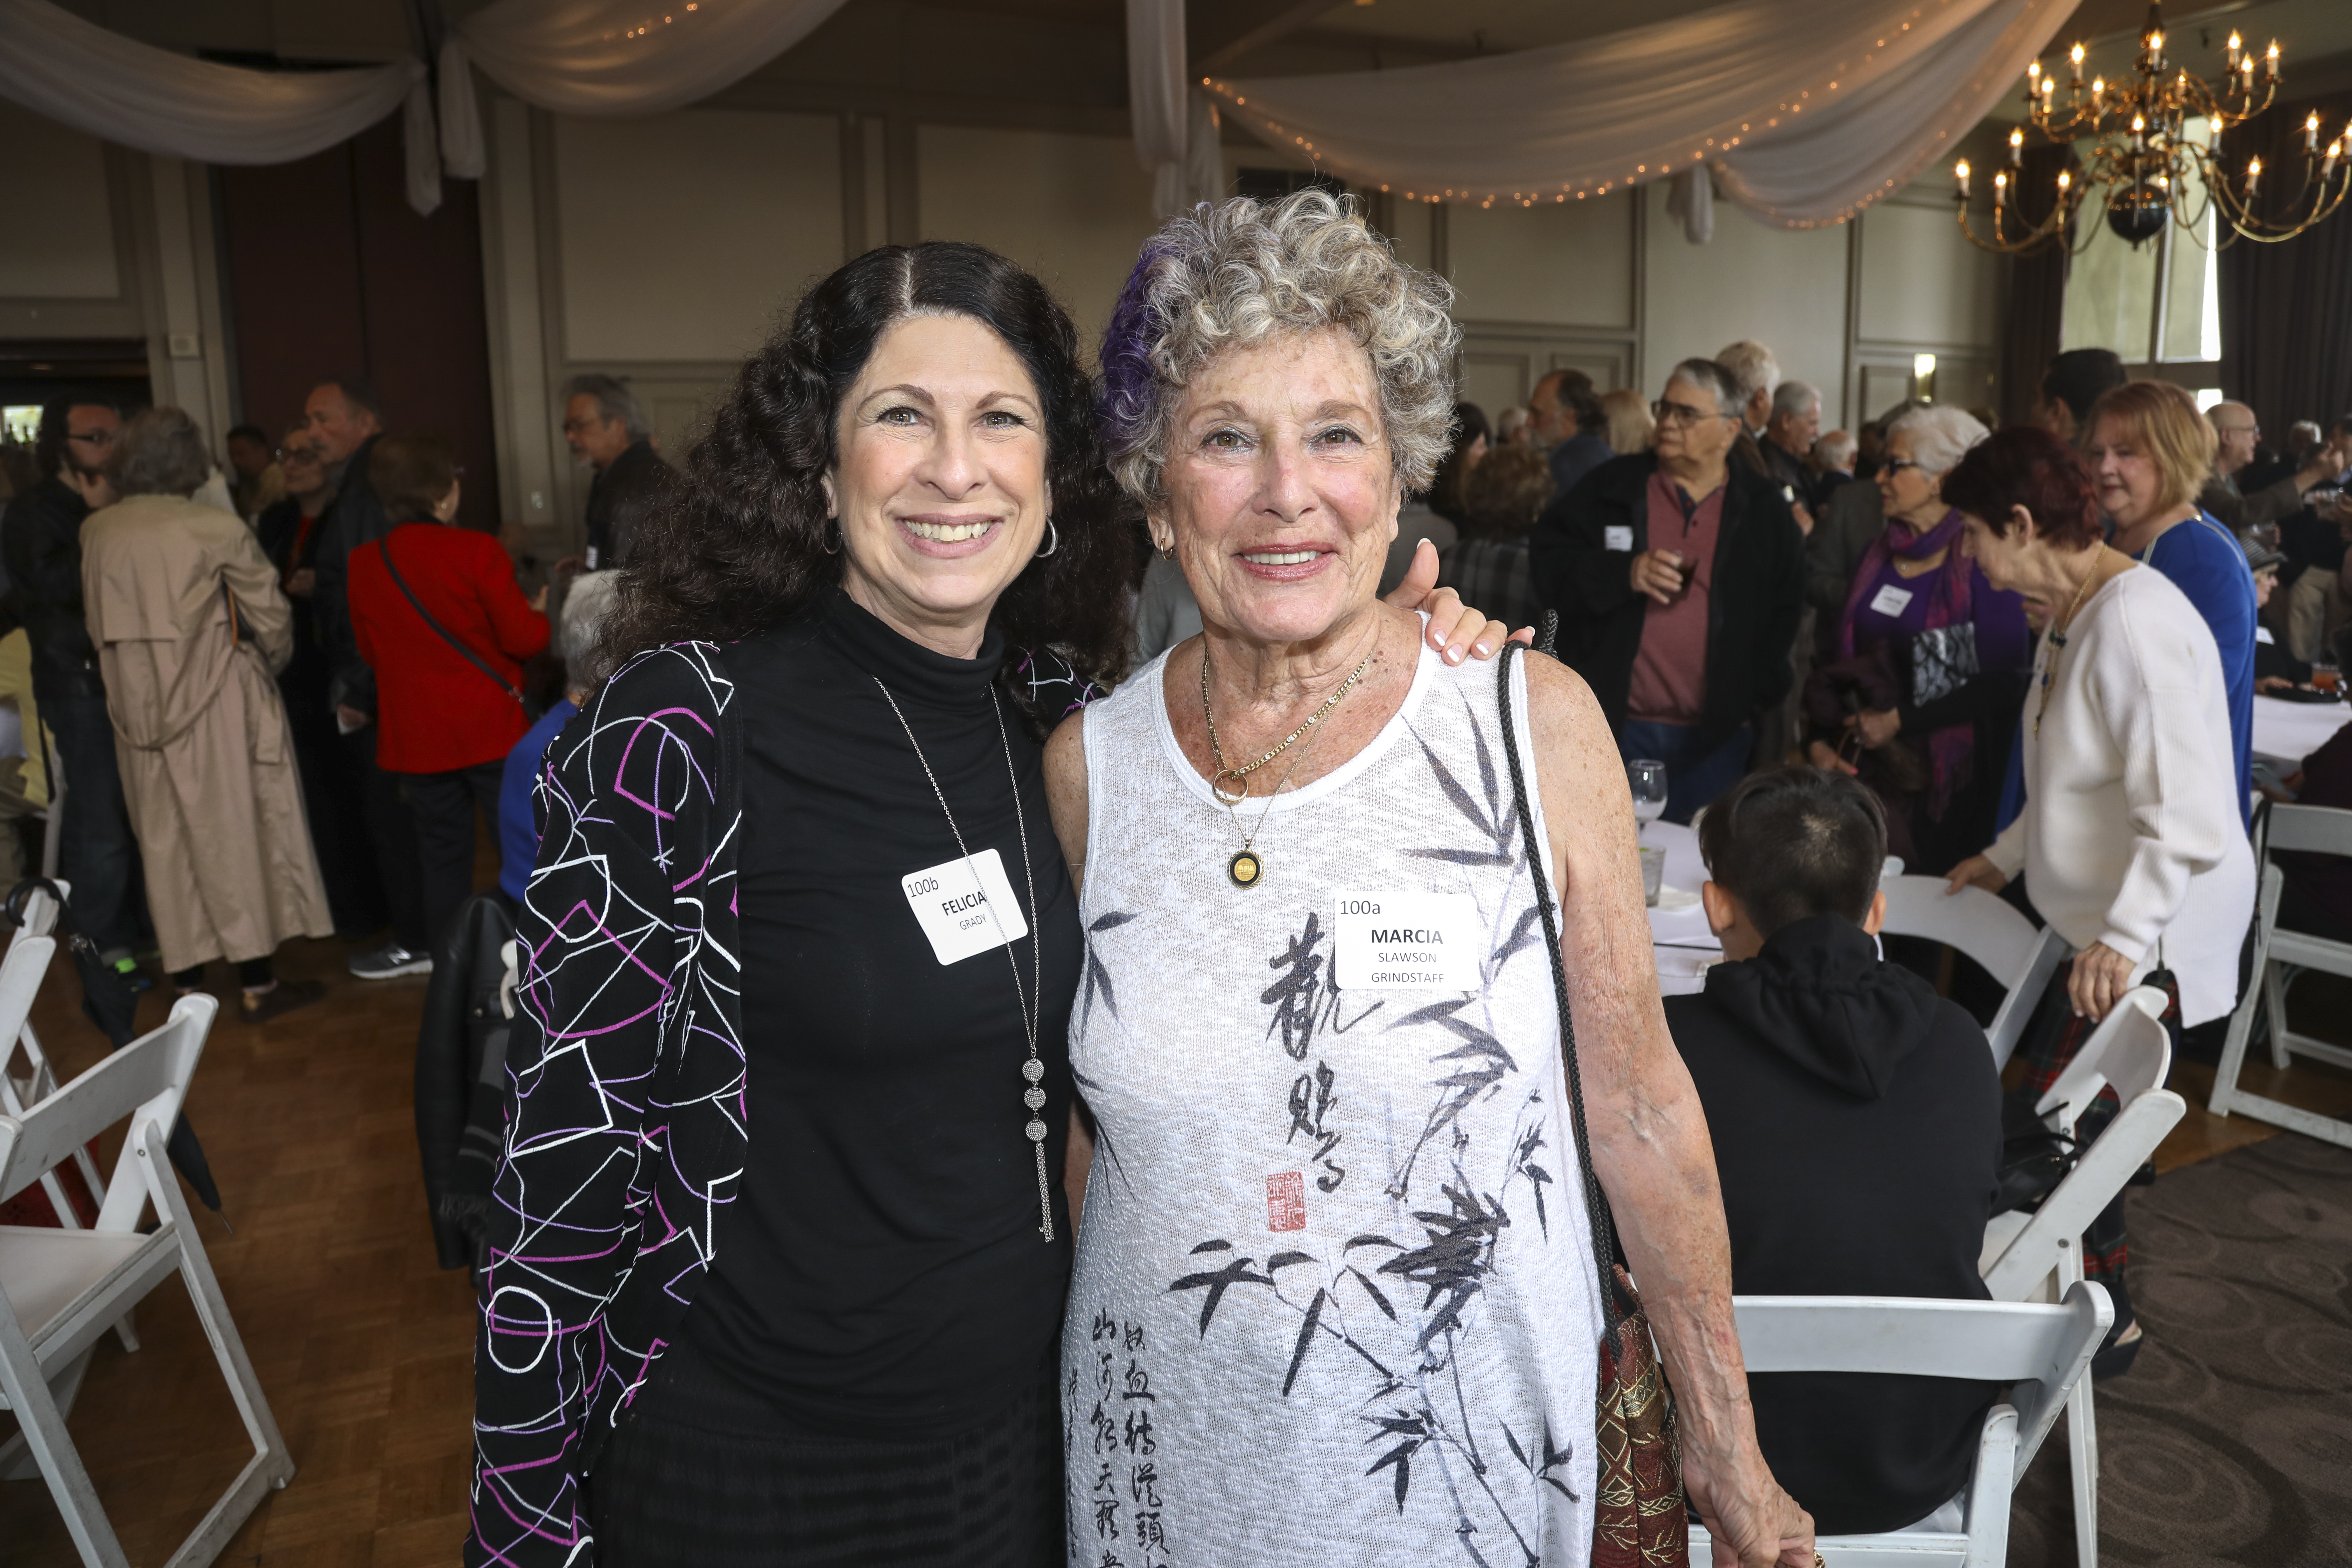 Felicia Grady, Marcia Slawson Grindstaff